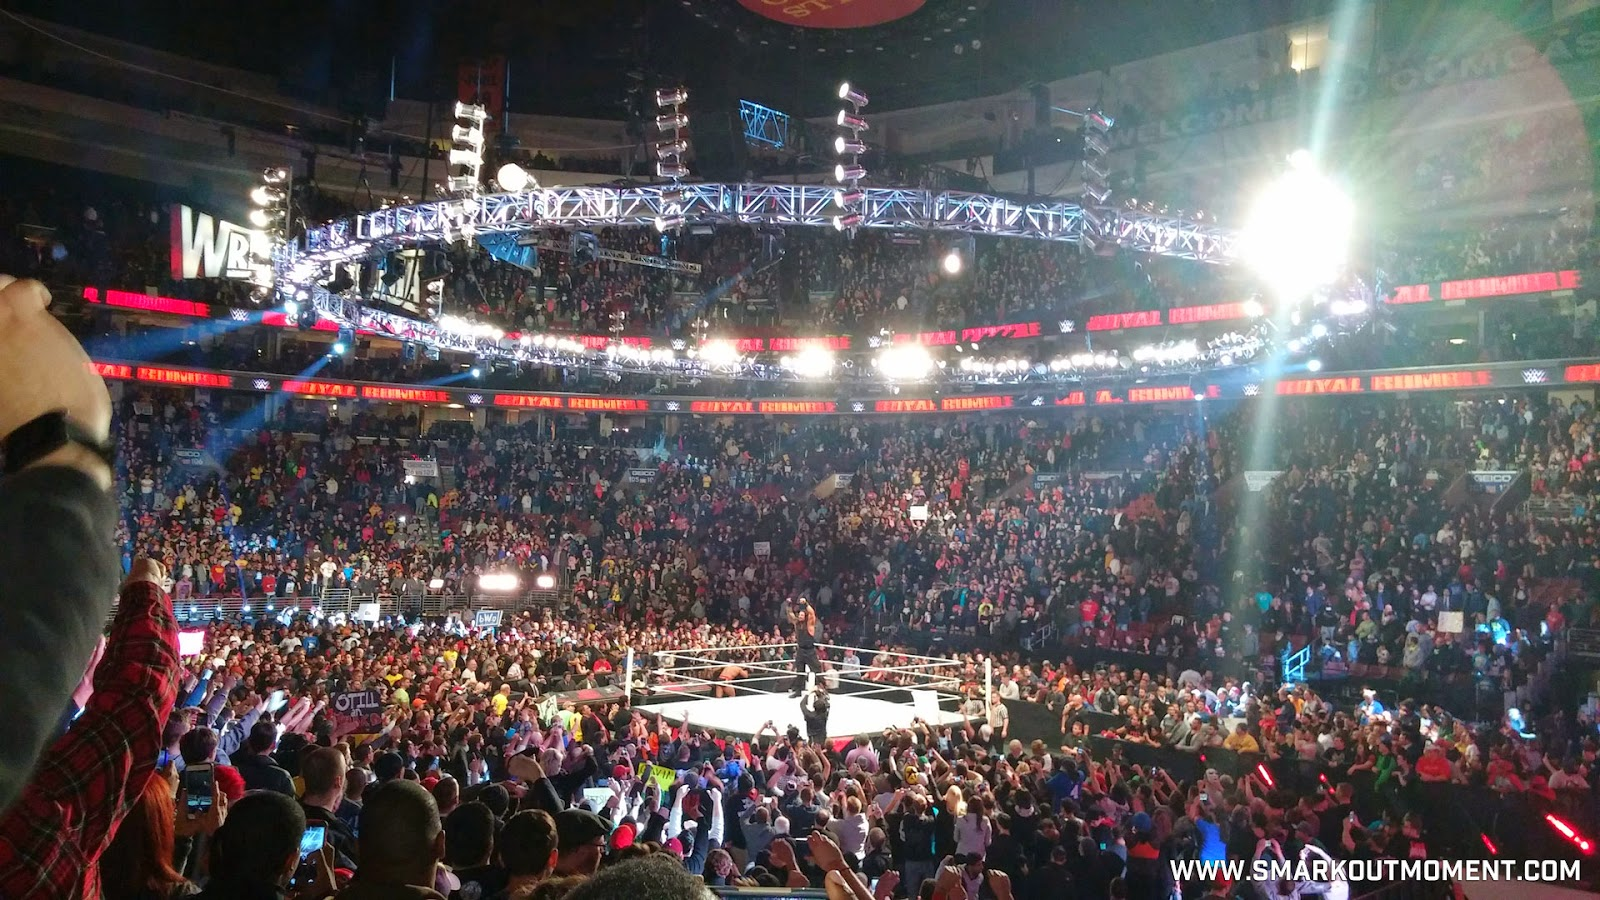 WWE Royal Rumble 2015 celebration Roman Reigns